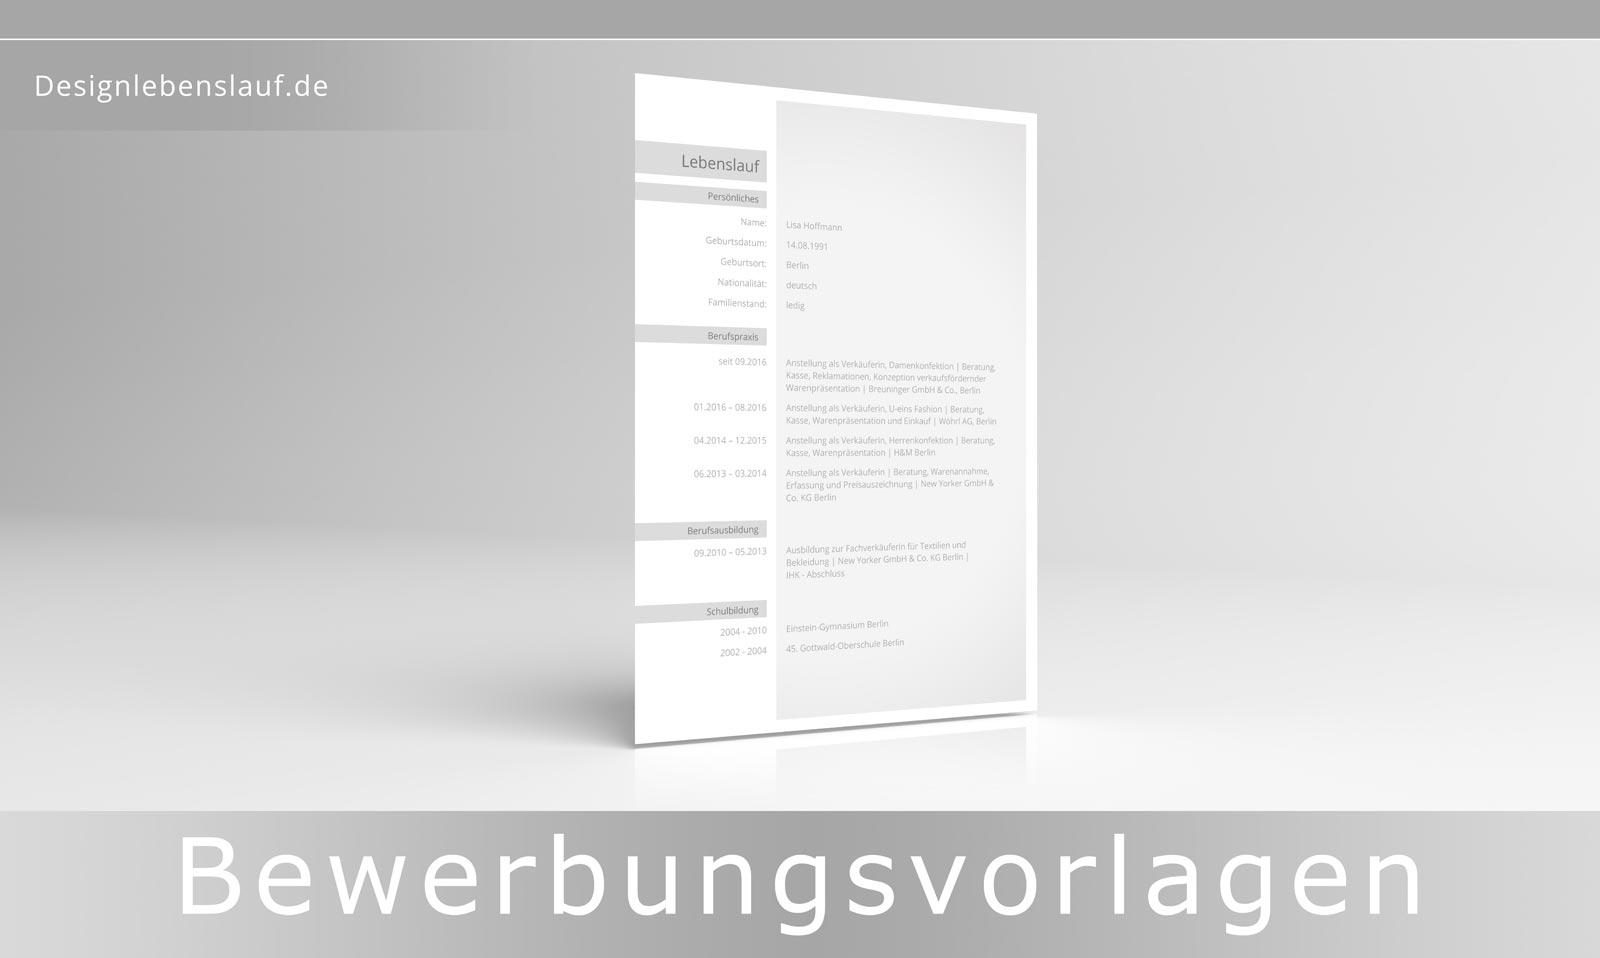 cv vorlage word - Bewerbungsanschreiben Muster 2014